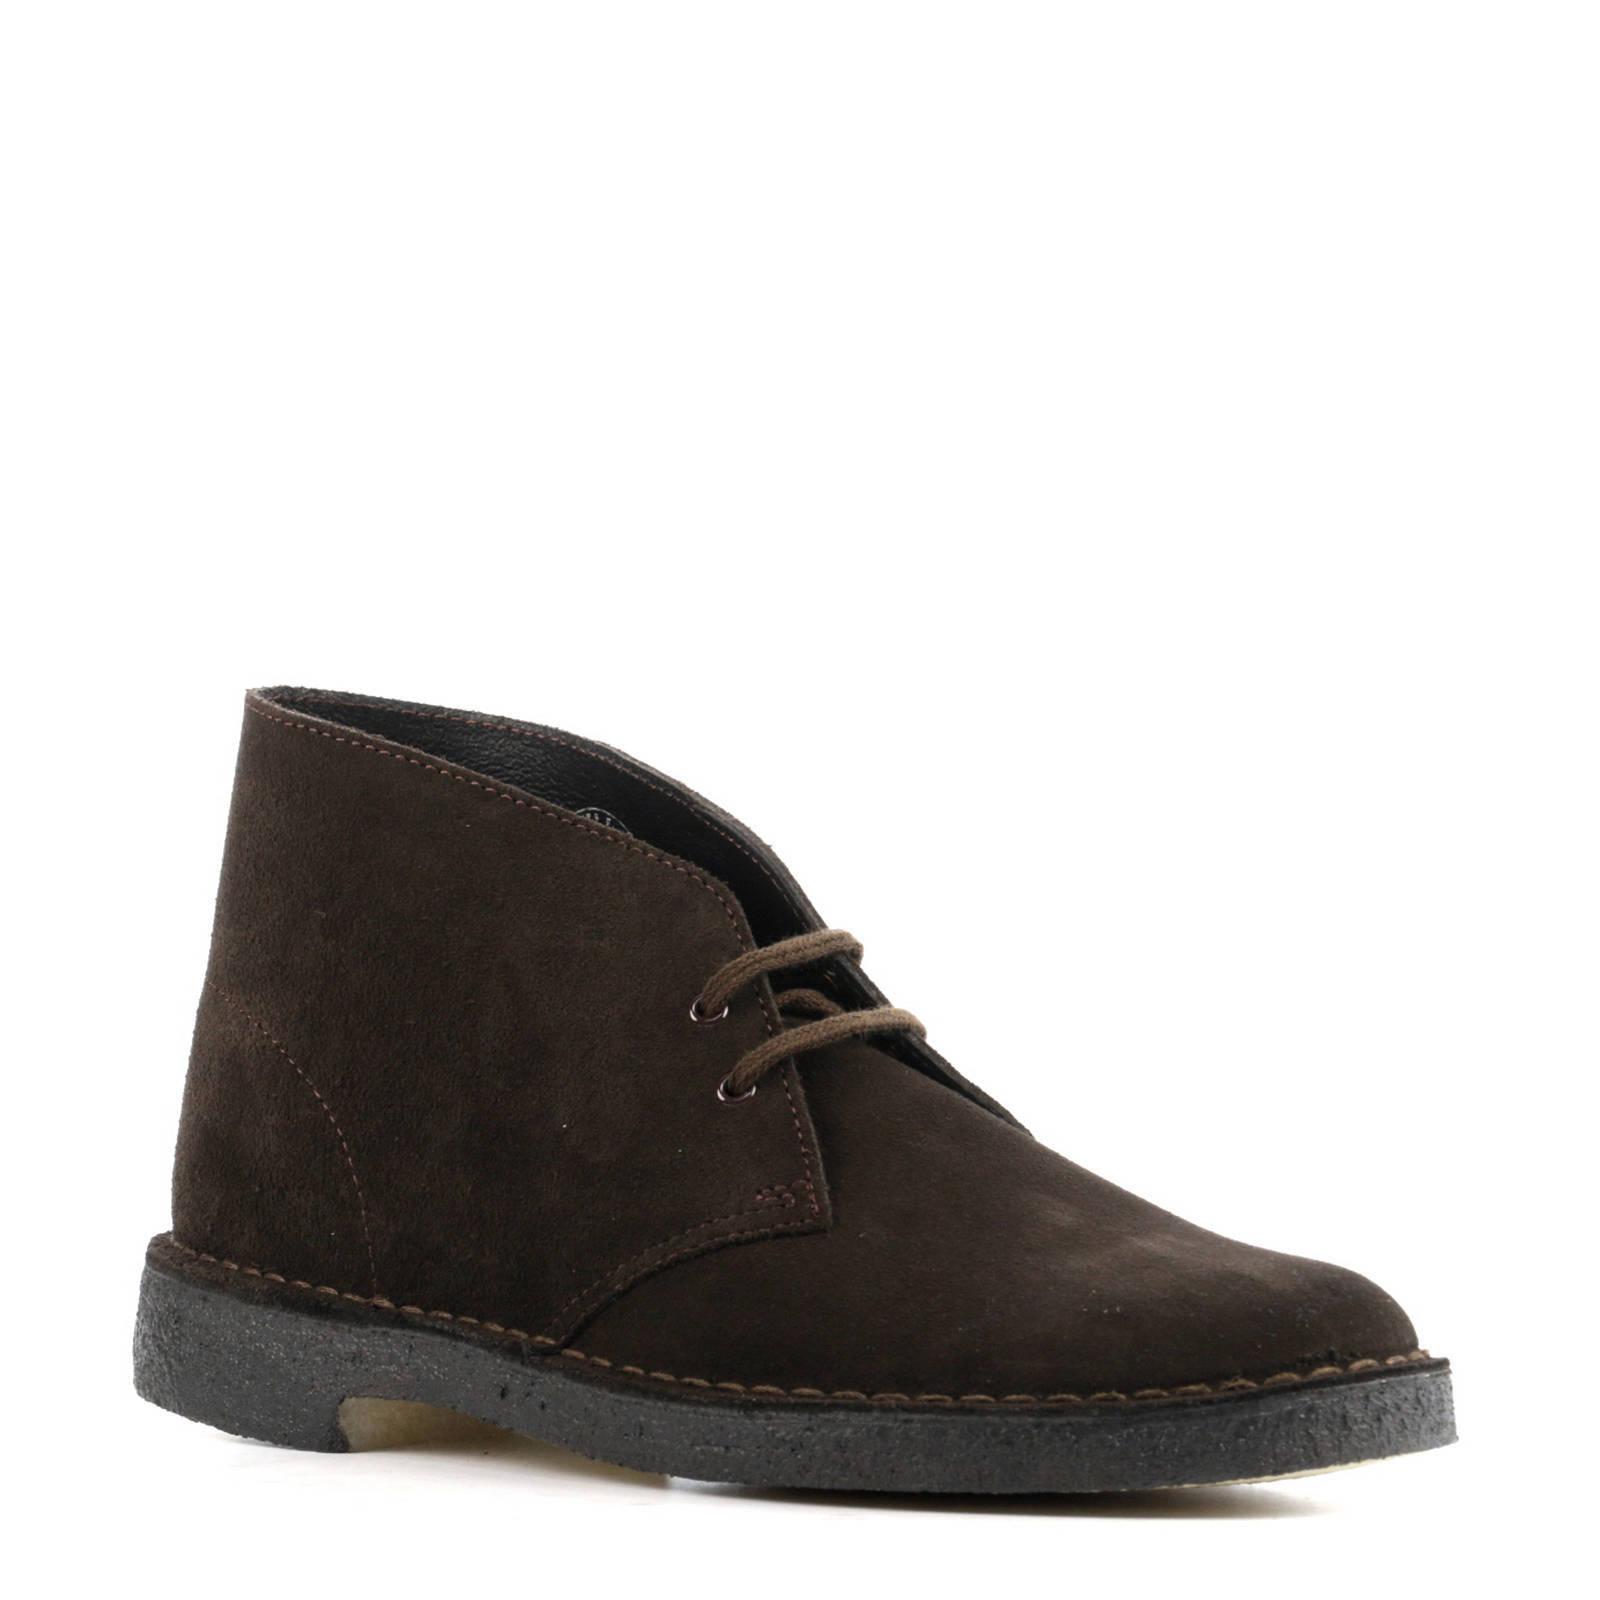 Heren Bezorging Bij Wehkamp Boots Gratis 20 Vanaf UzMpSV